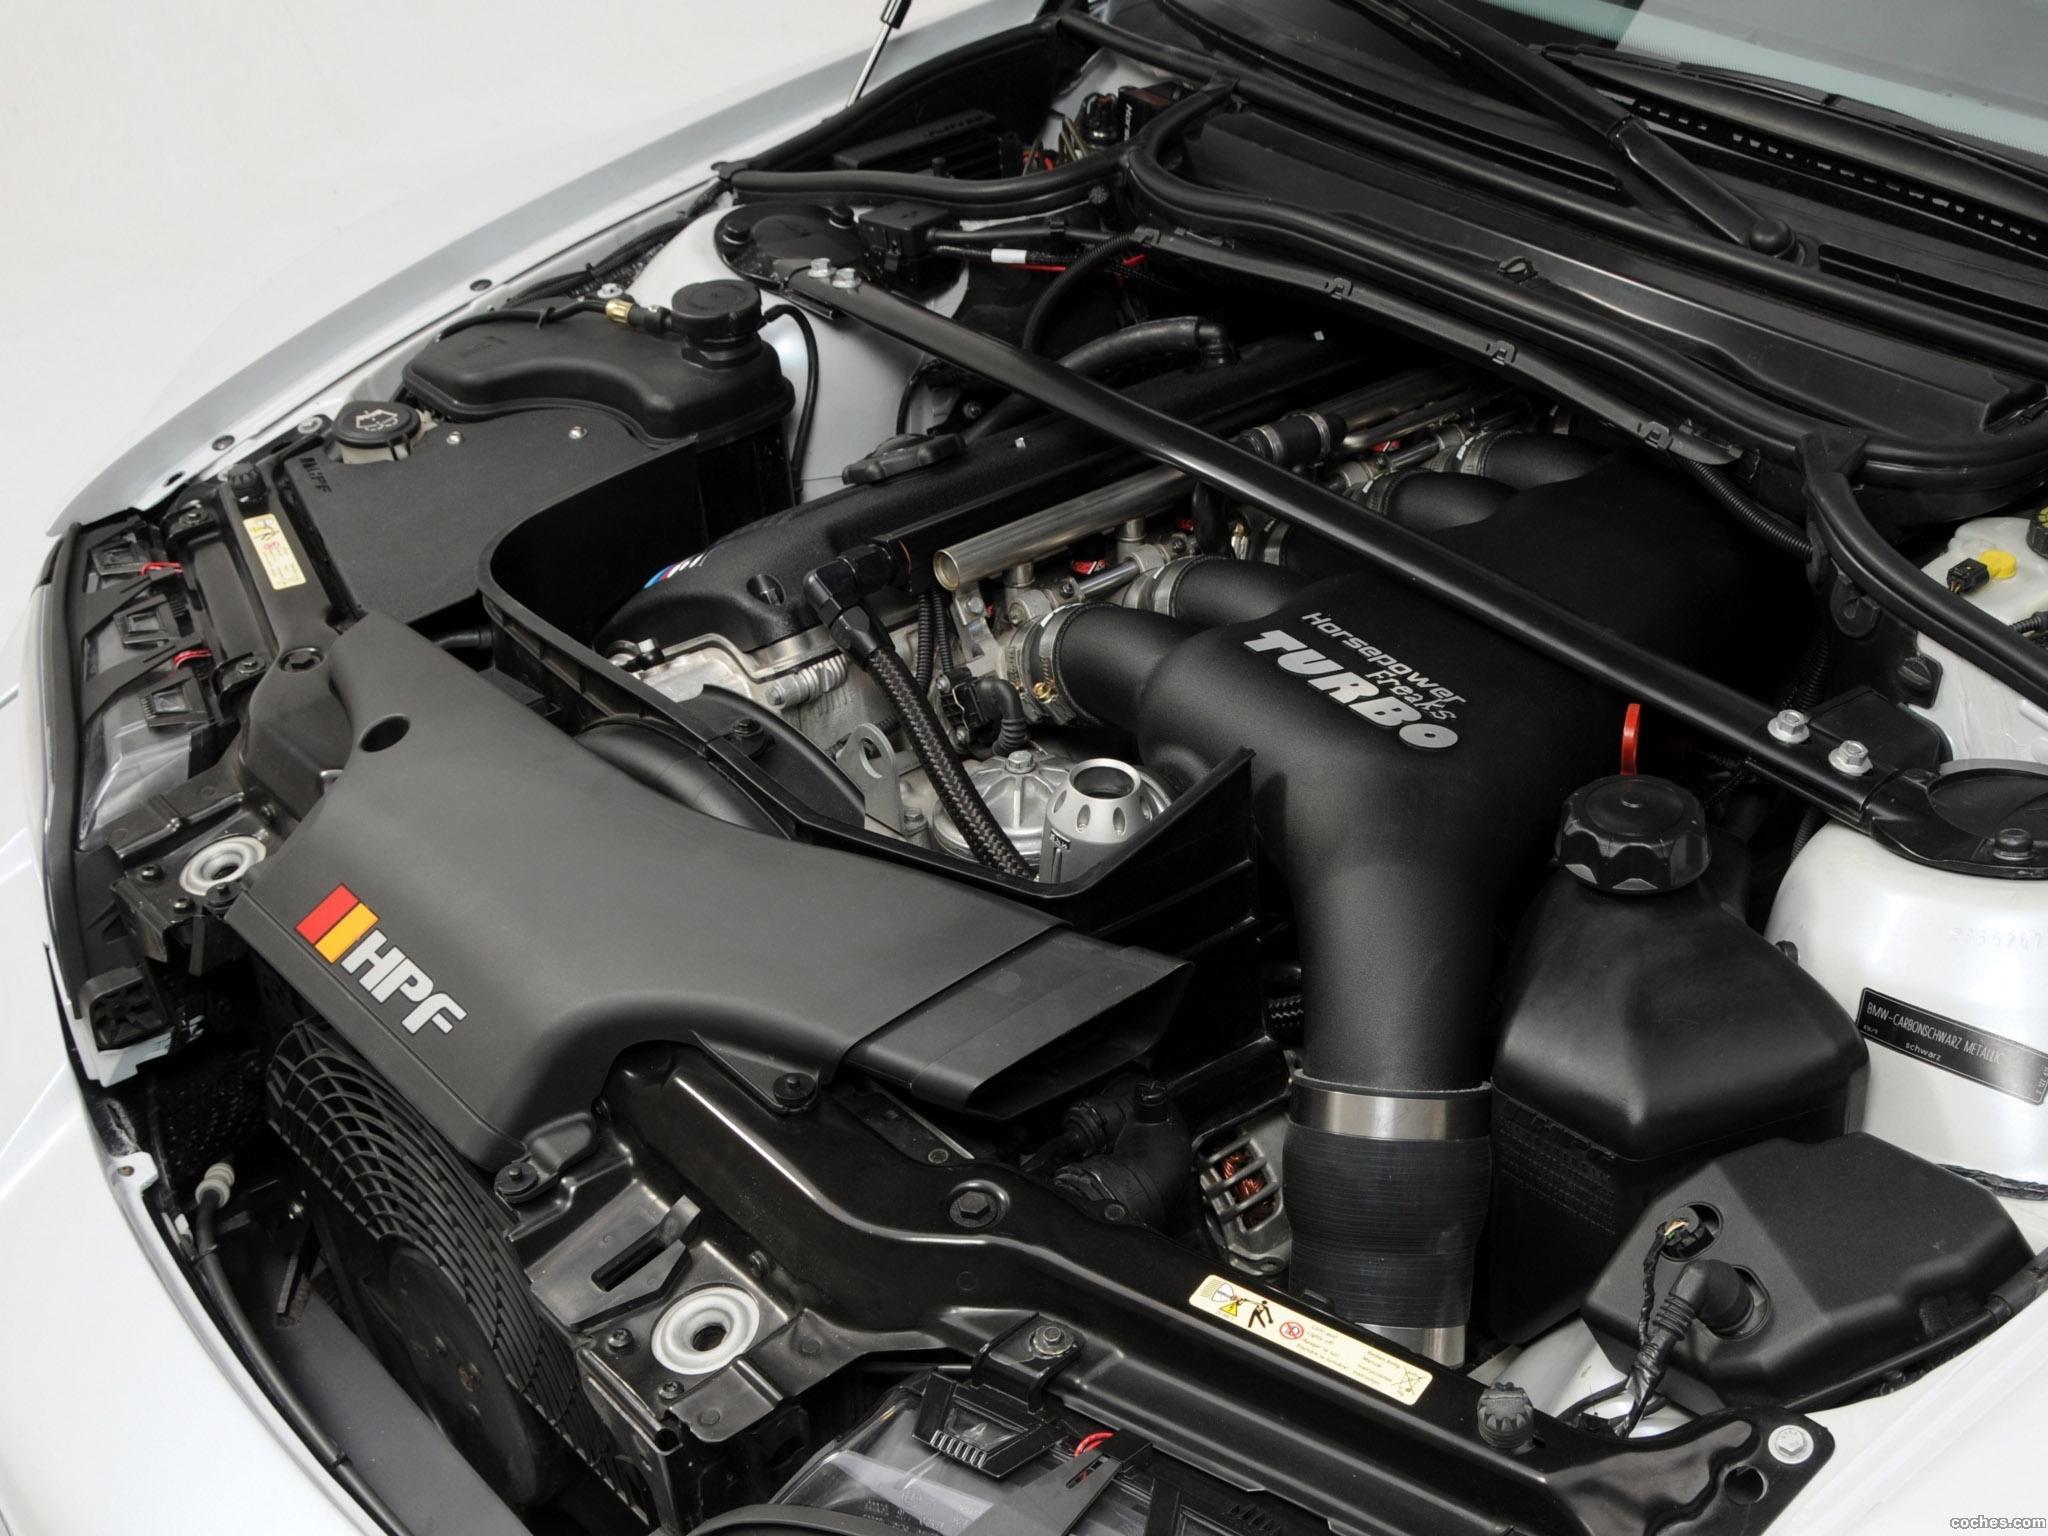 Foto 10 de HPF BMW Serie 3 M3 Turbo Stage 4 E46 2009